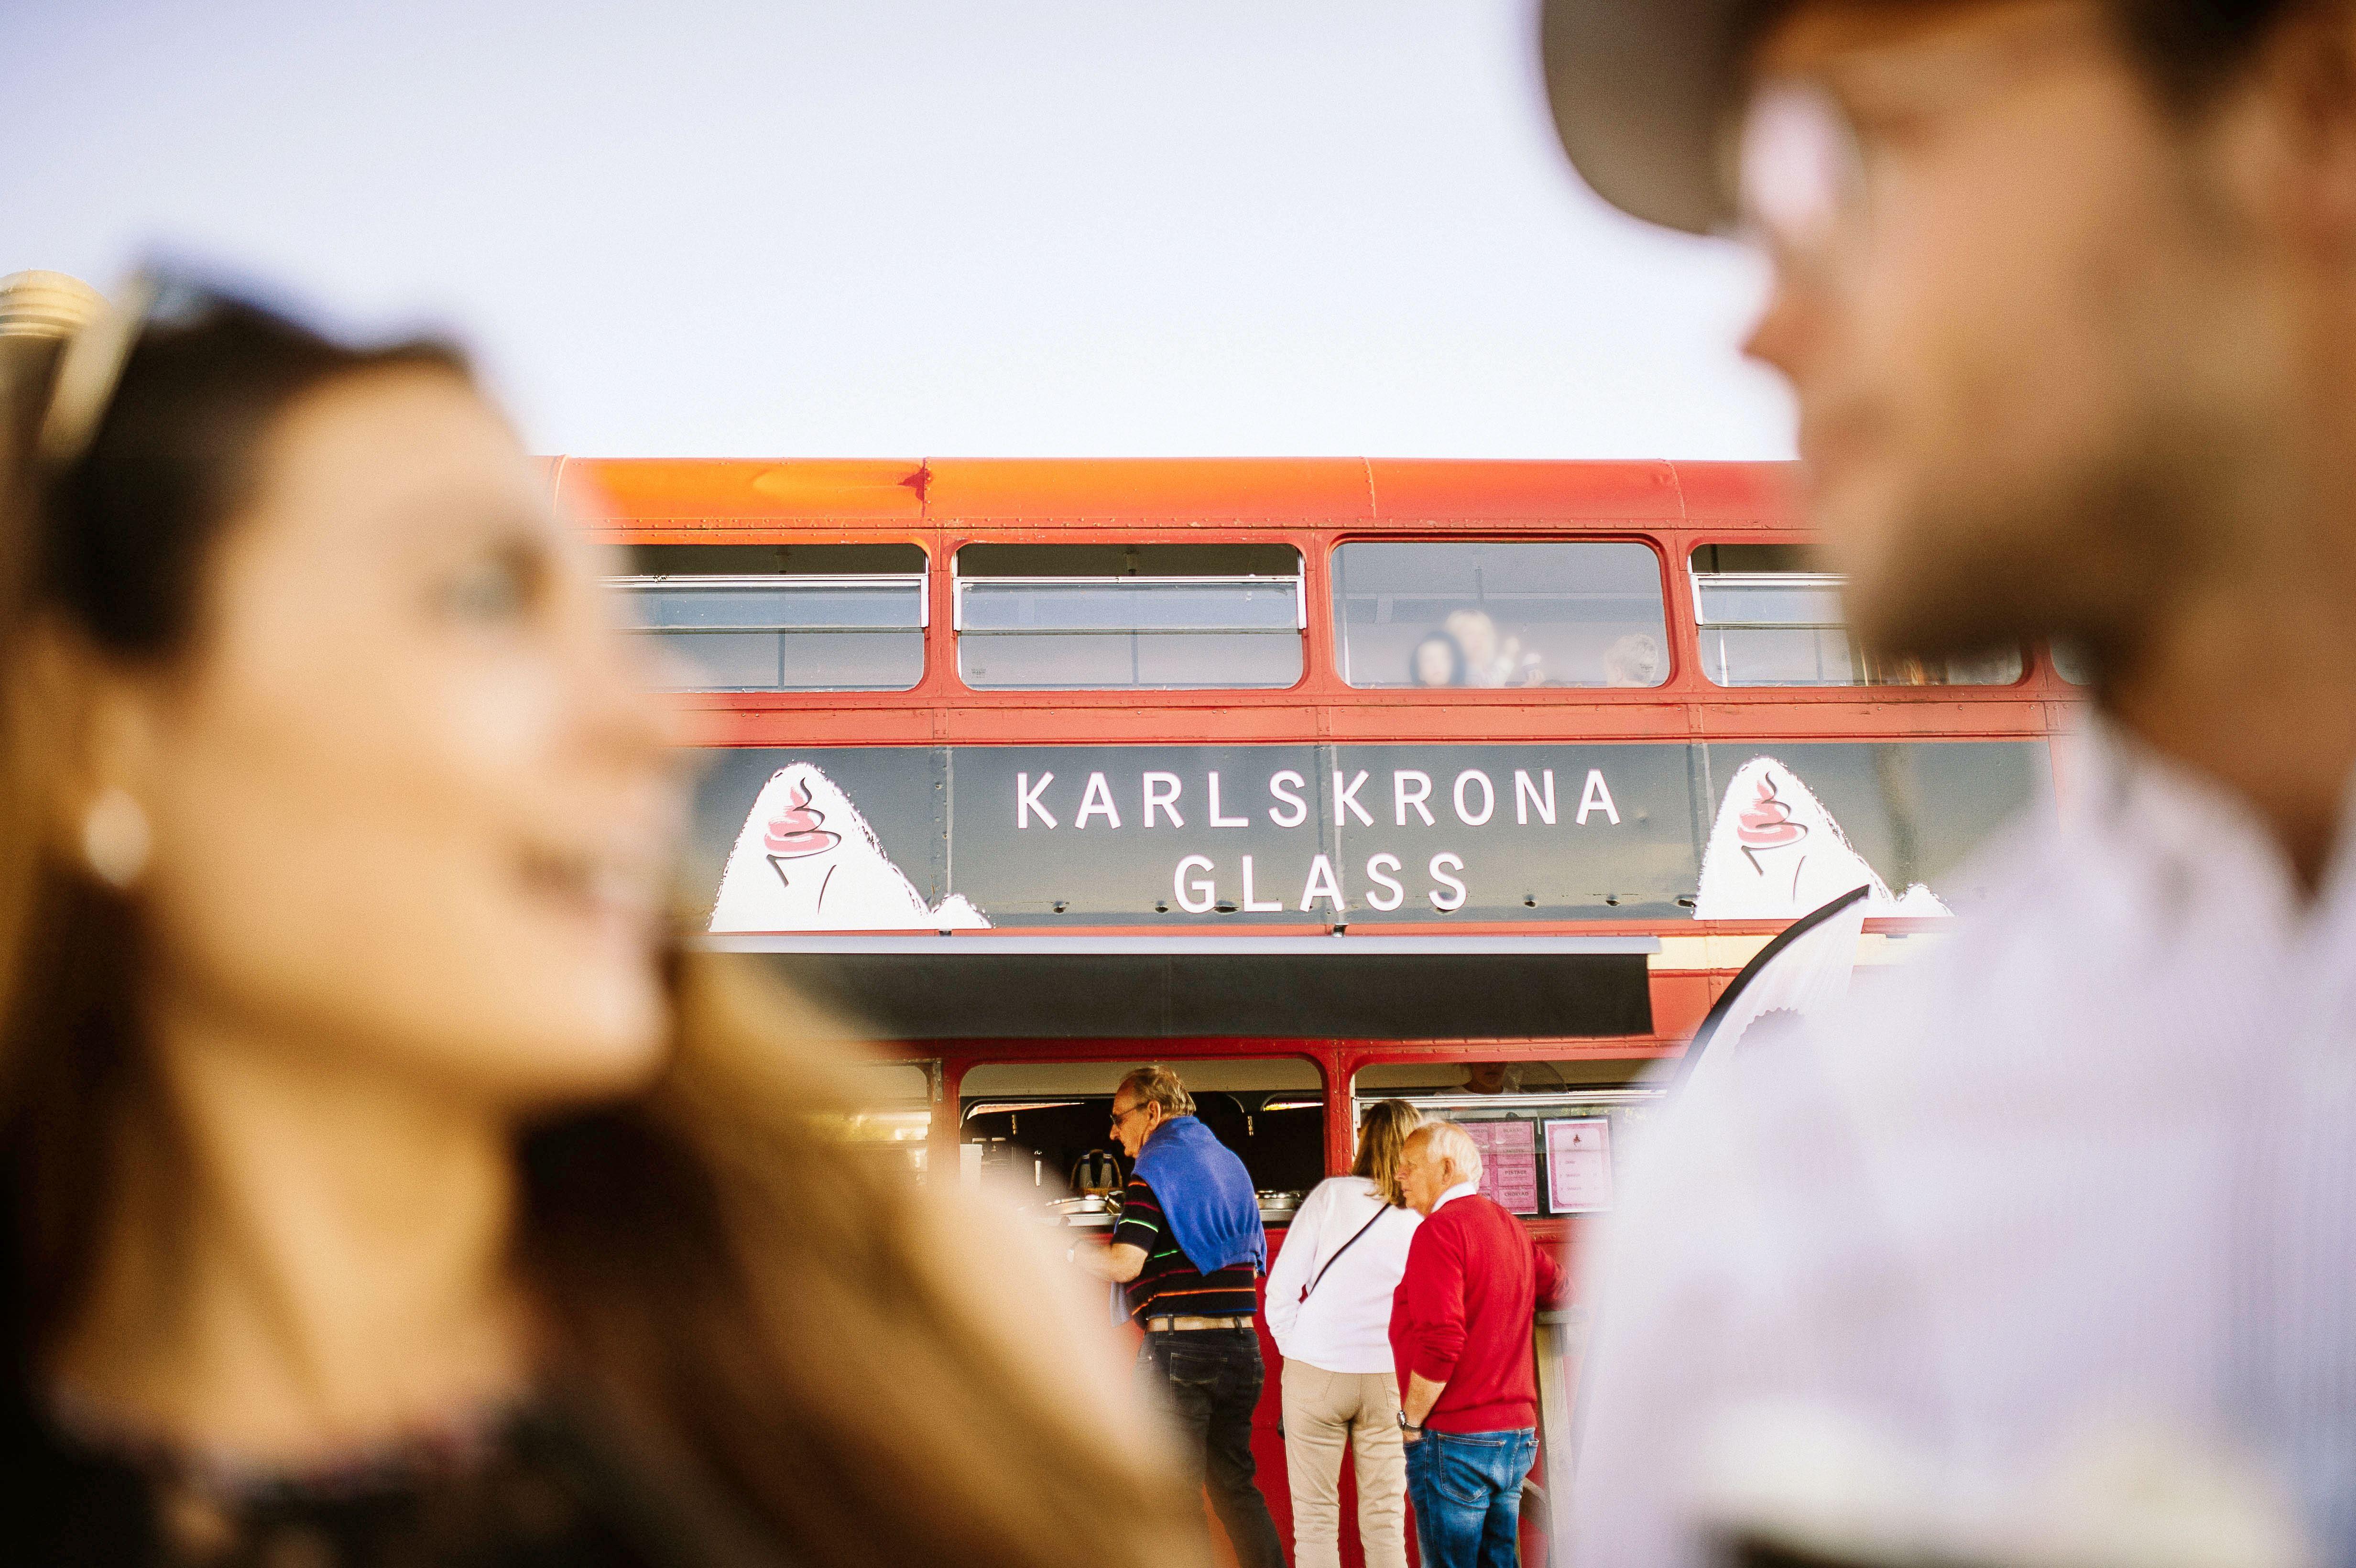 Glassbussen - Karlskrona ice cream